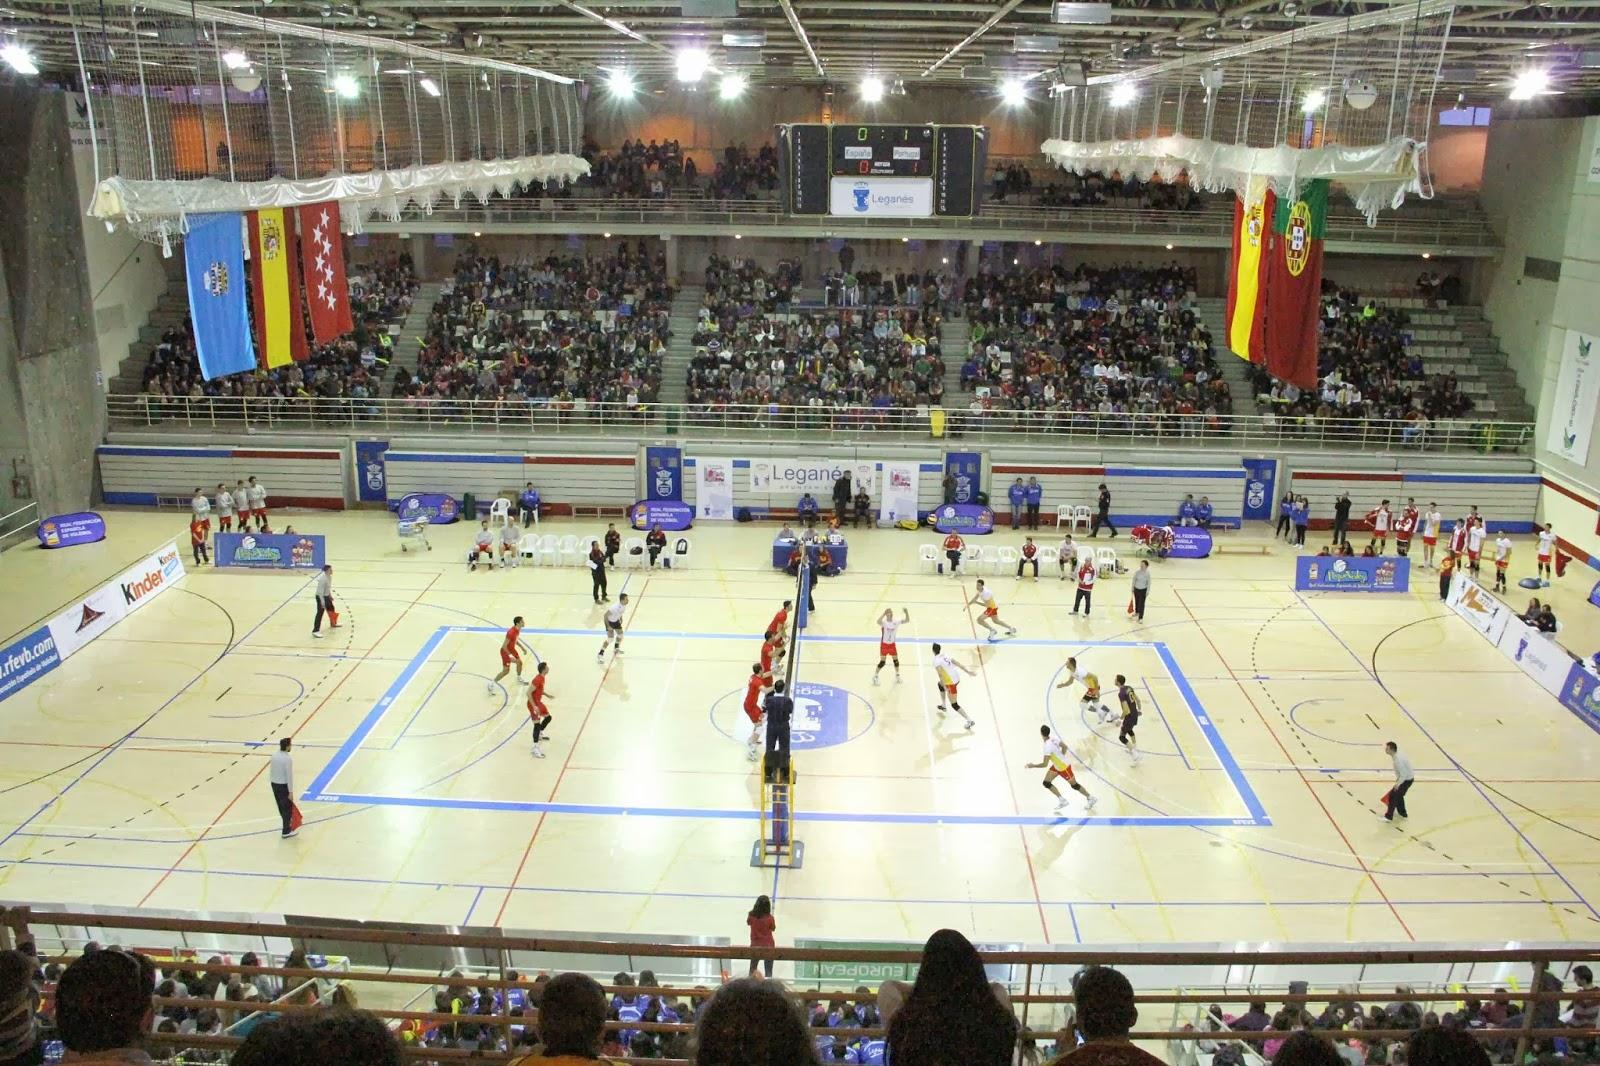 M s de personas disfrutaron de la selecci n espa ola - Pabellon de deportes de madrid ...